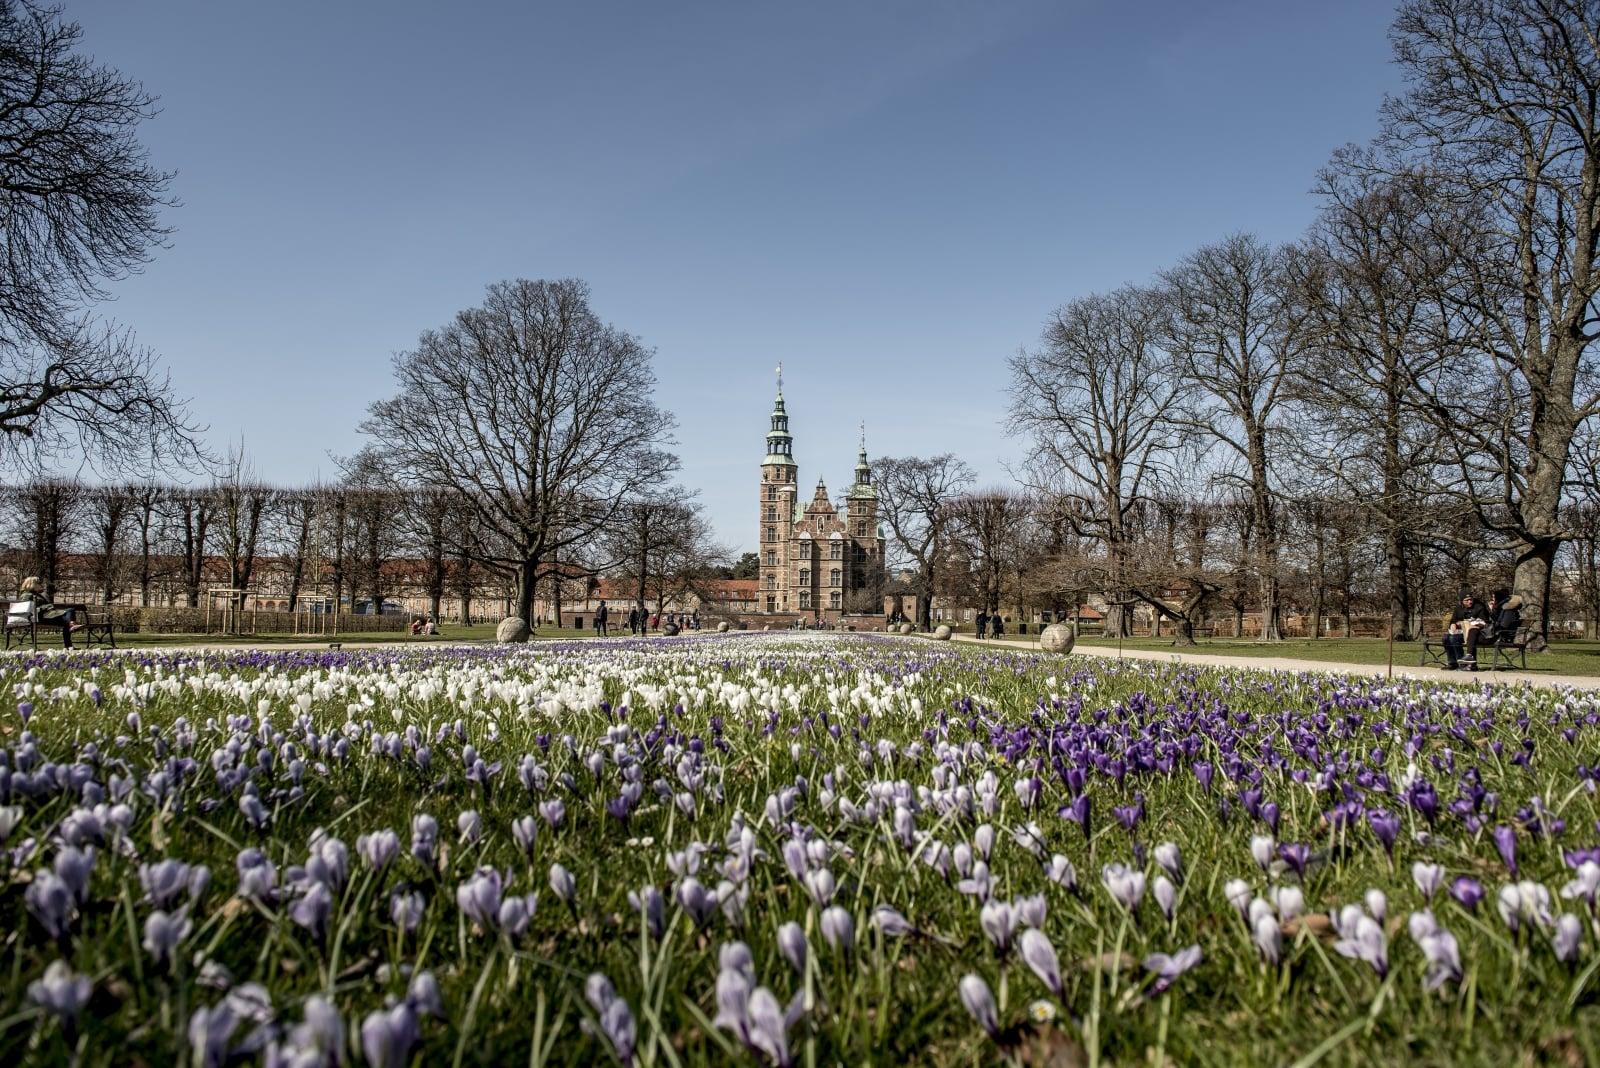 Piękne kwiaty w ogrodach Zamku Rosenborg, w Kopenhadze, Dania, fot. EPA/MADS CLAUS